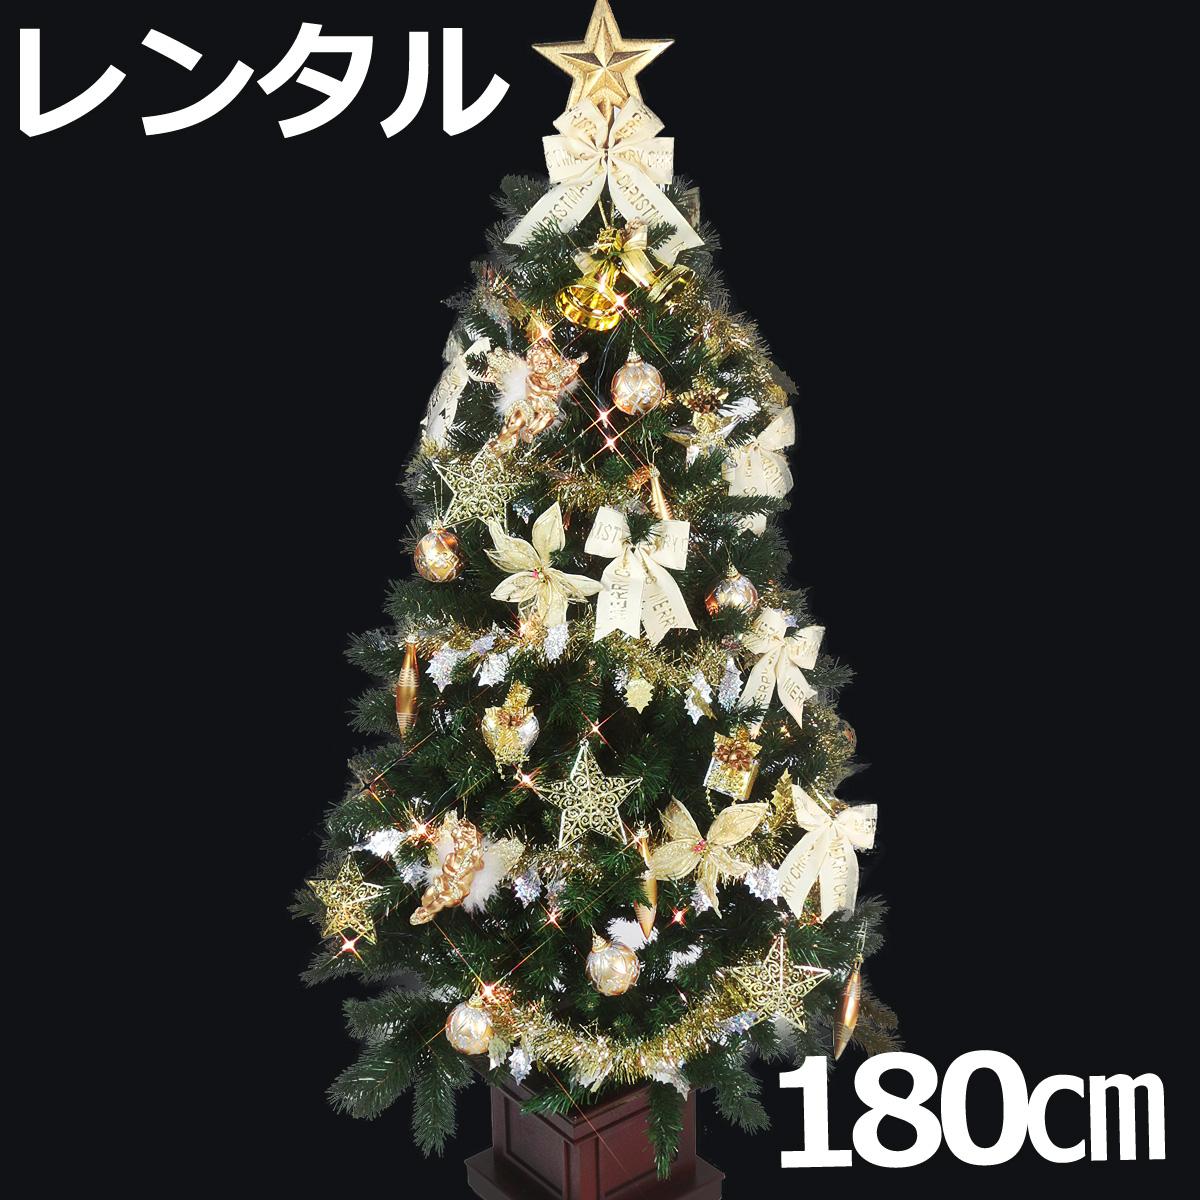 【レンタル】 クリスマスツリー セット 180cm 木製ポット付 ゴールド&アイボリー 【往復 送料無料】 クリスマスツリー レンタル fy16REN07